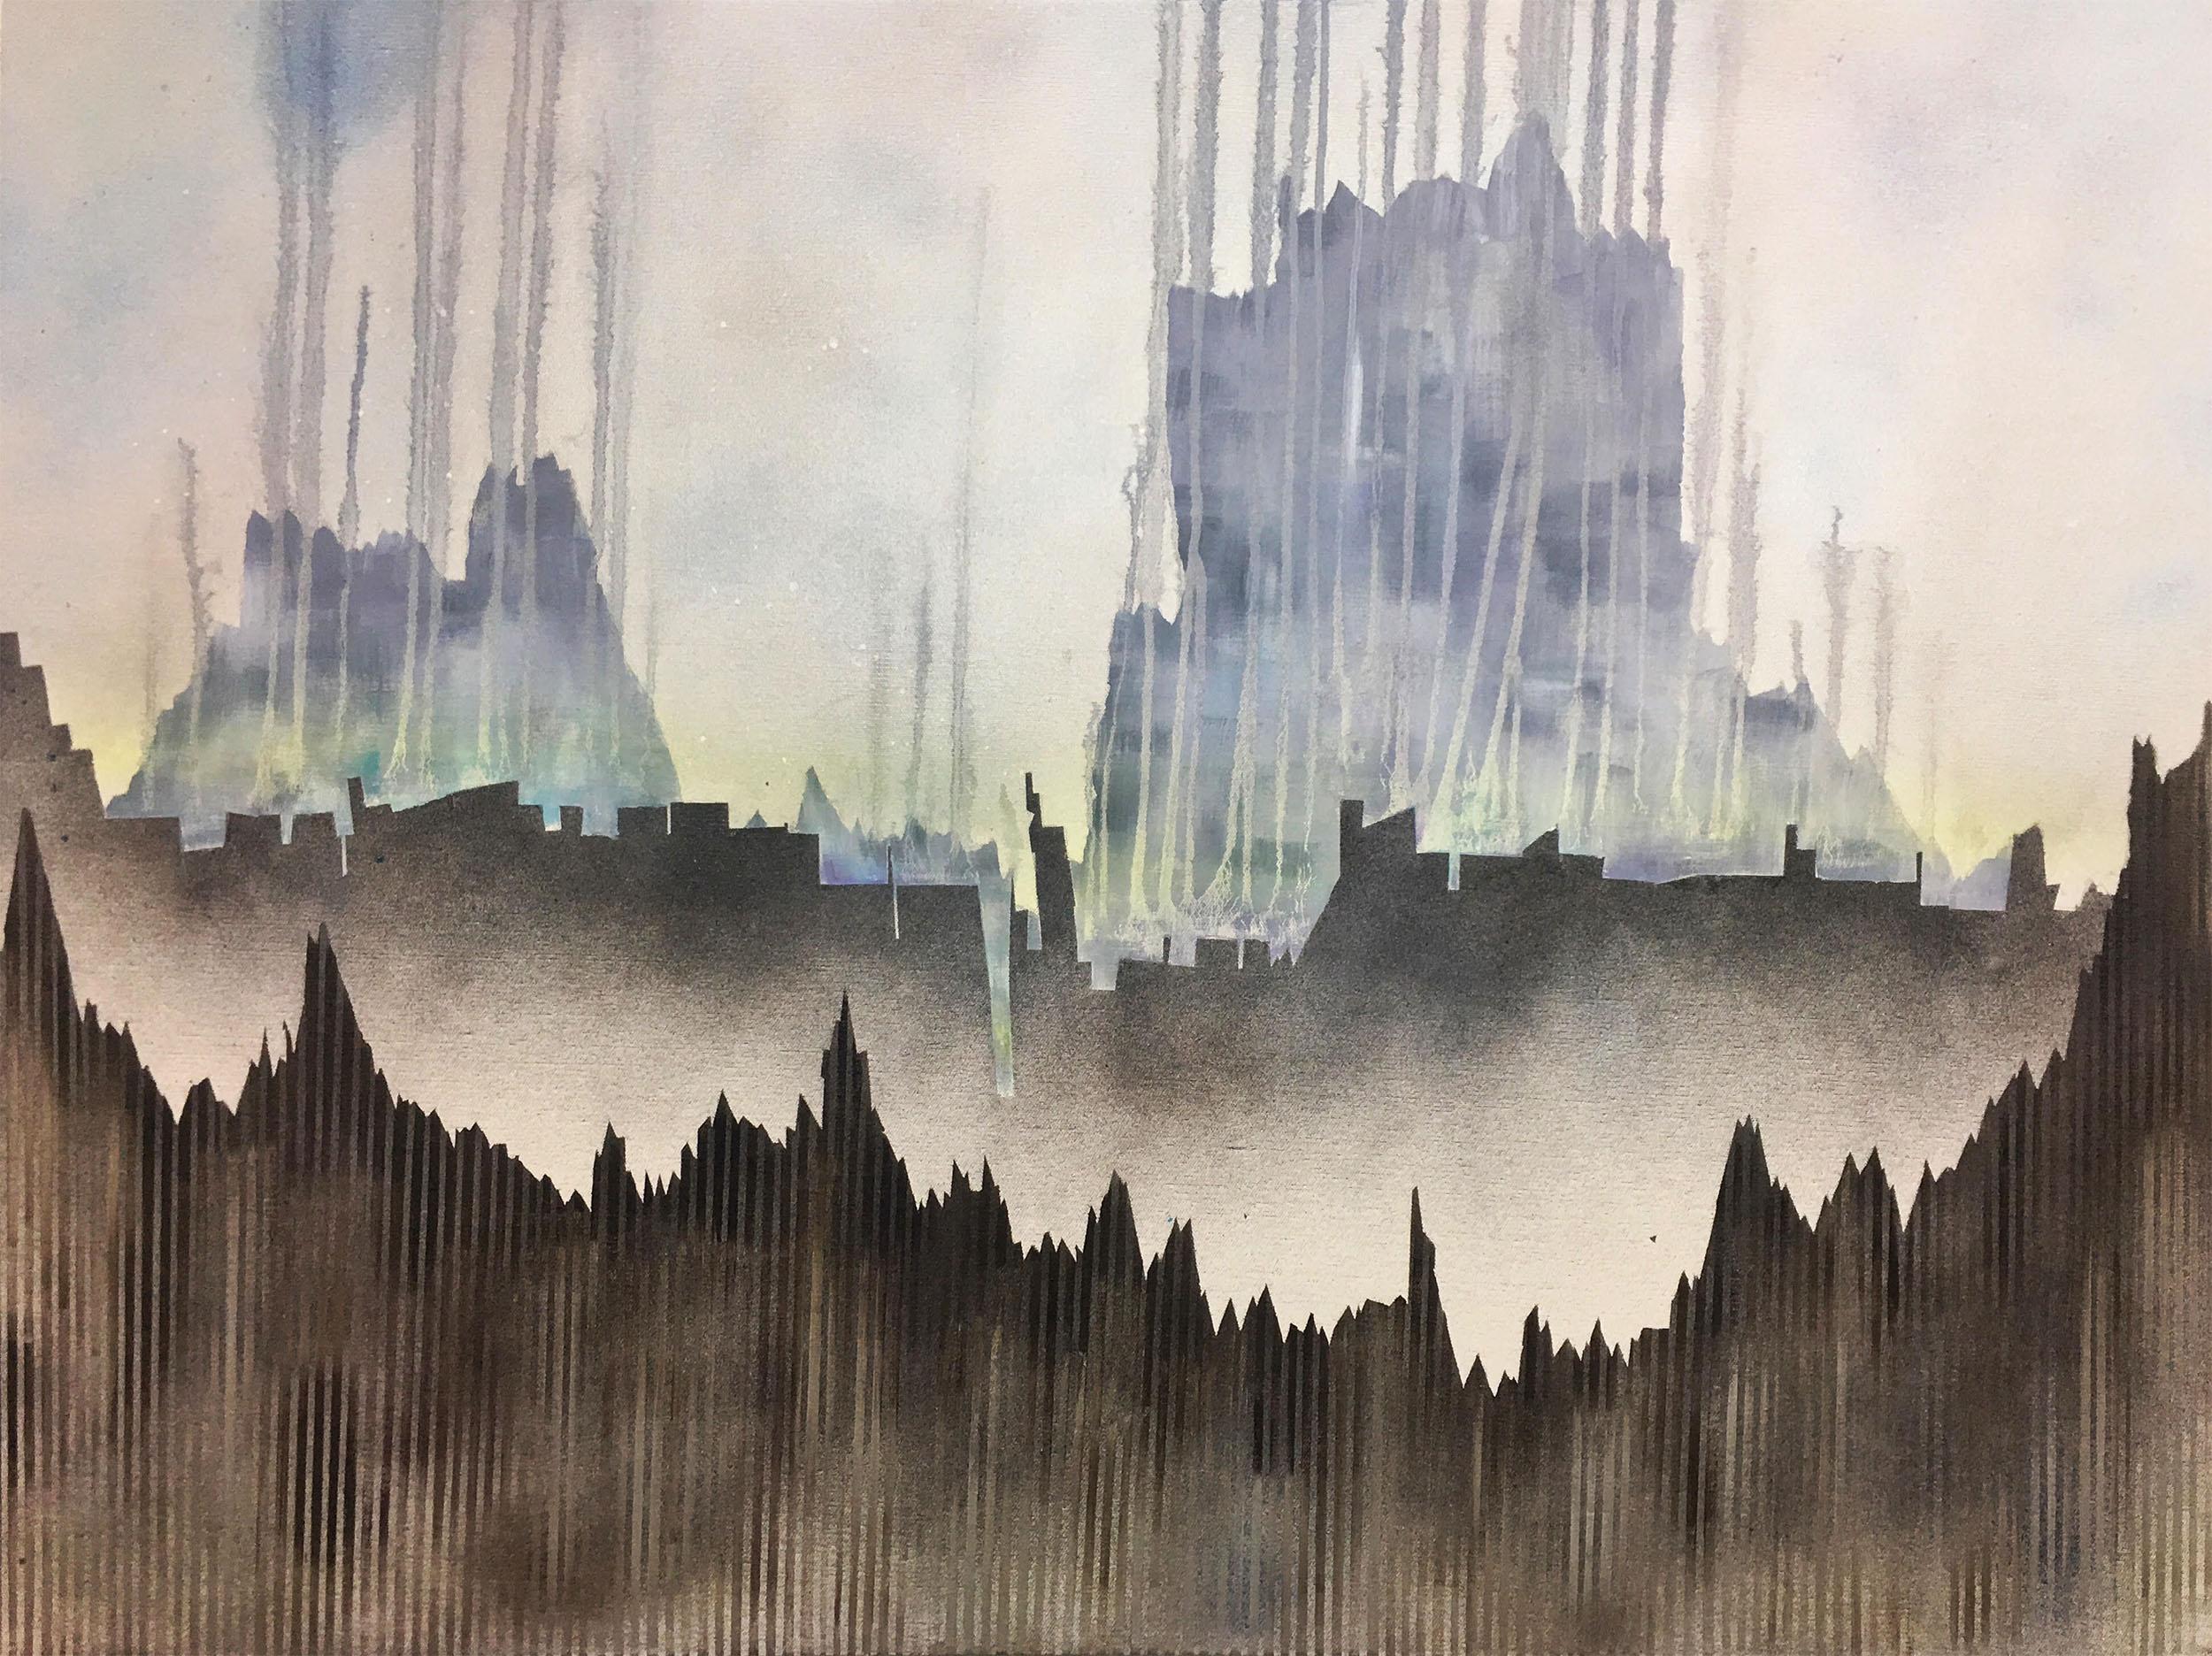 Datascape 006 - 'Two Palaces Walk' Luke M Walker 2016